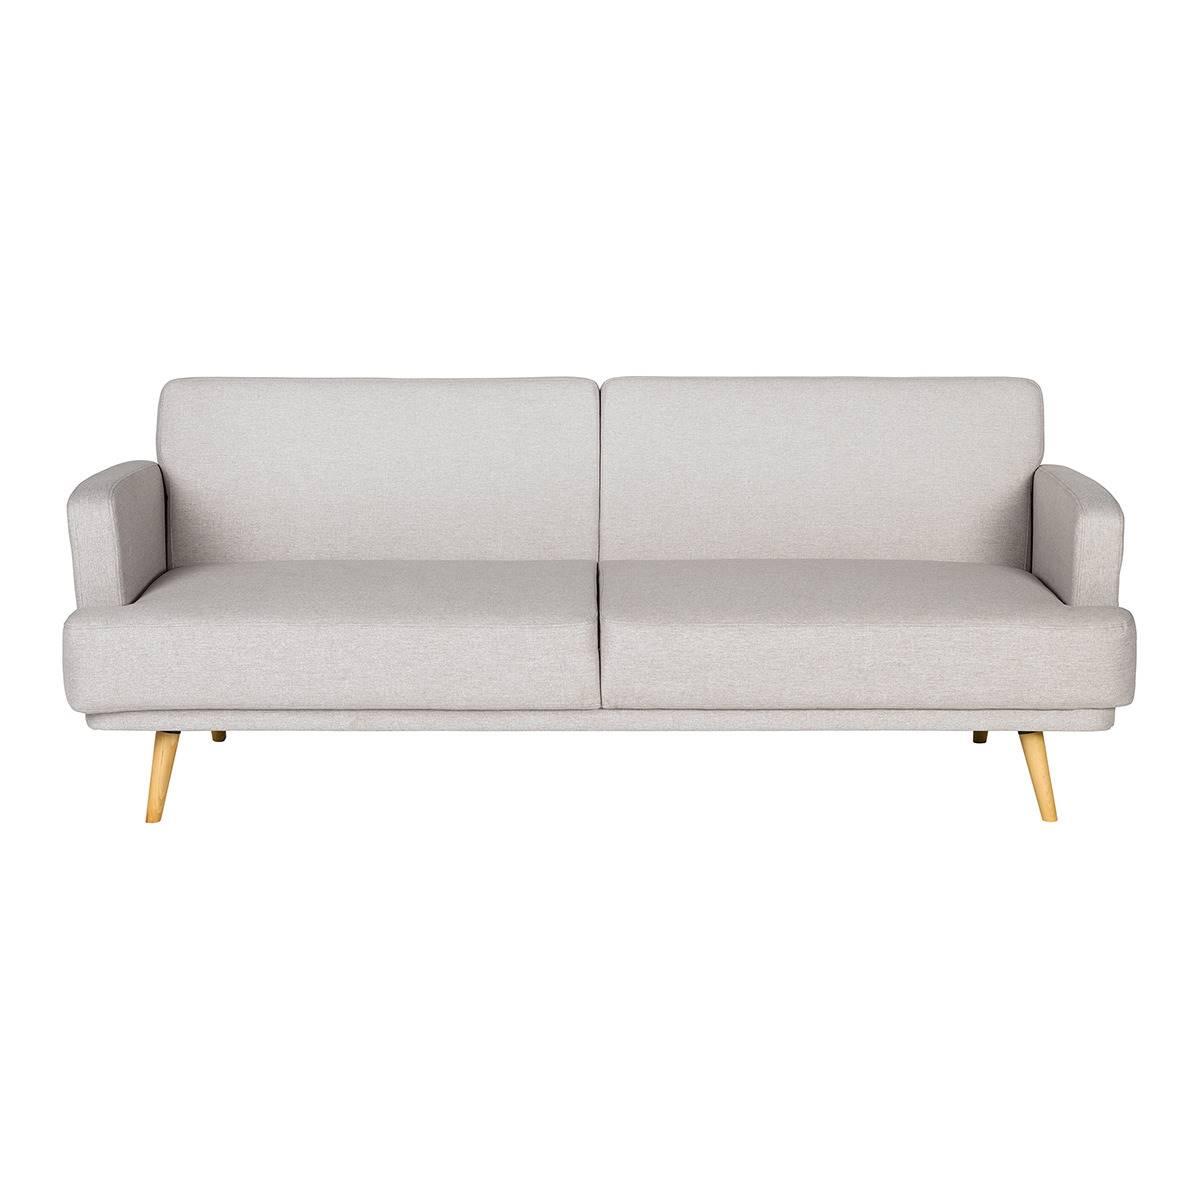 dde5a990ff6 Sofá cama de El Corte Inglés. ¿Lo vas a usar a menudo